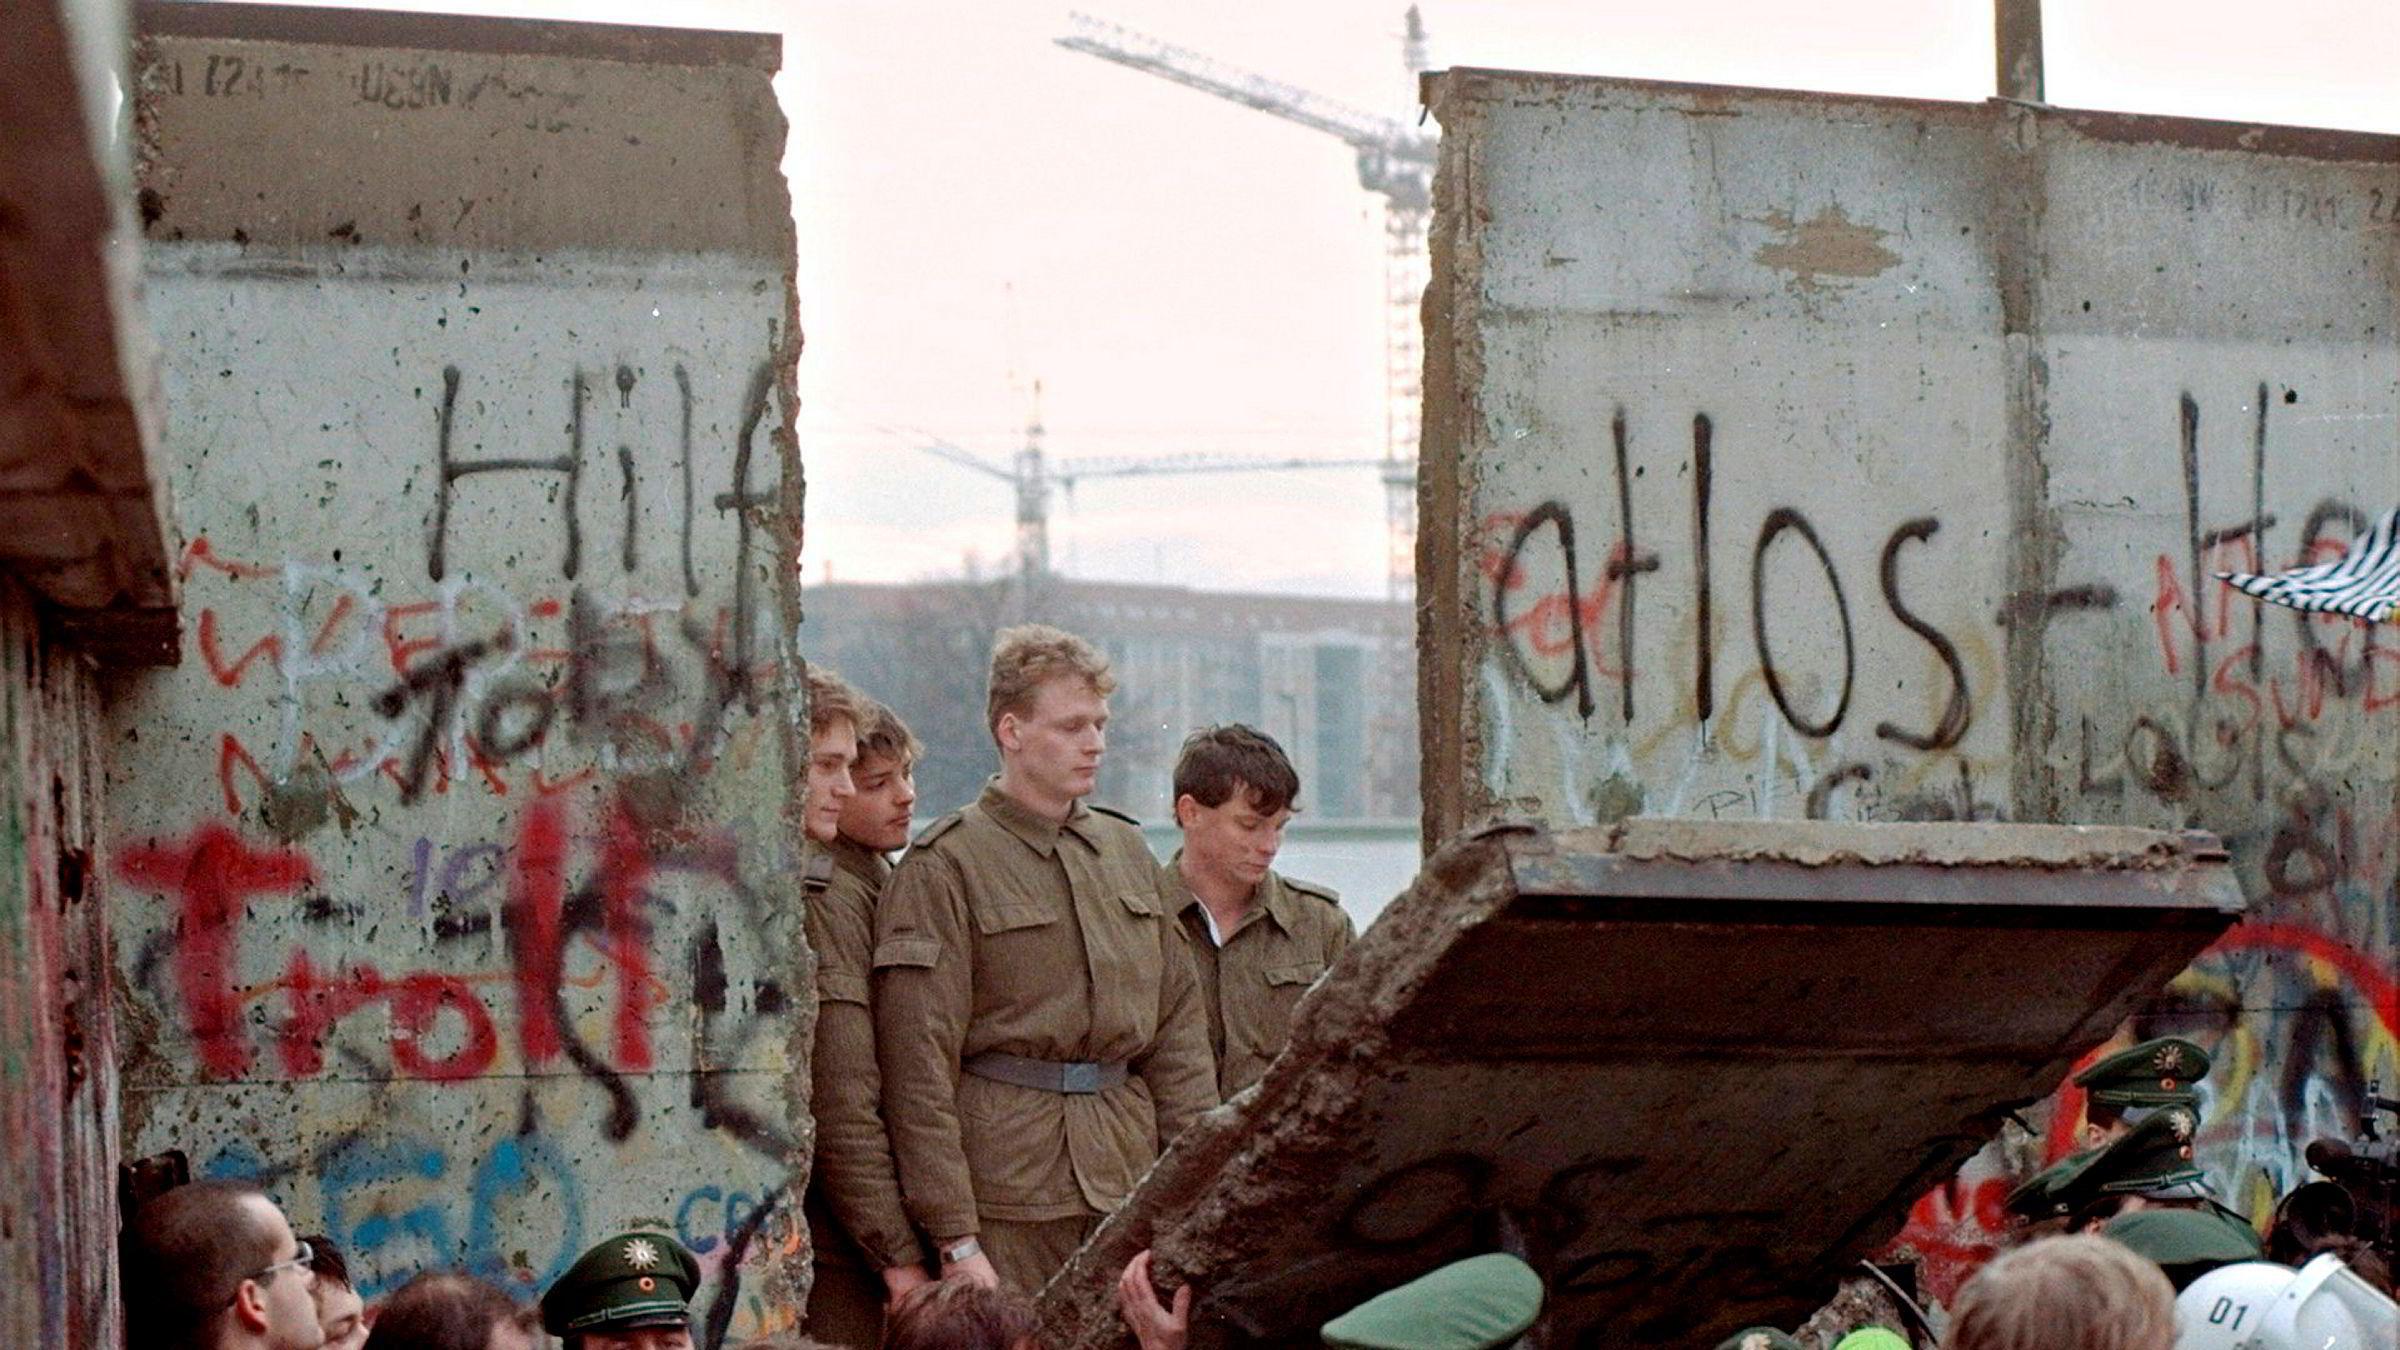 Etter sjokkåpningen av Berlinmuren i 1989 kom ettertanken. Men knapt noen vil tilbake. To dager etter murens fall tittet en gruppe østtyske grensesoldater gjennom en ødelagt del av muren ved Brandenburger Tor.